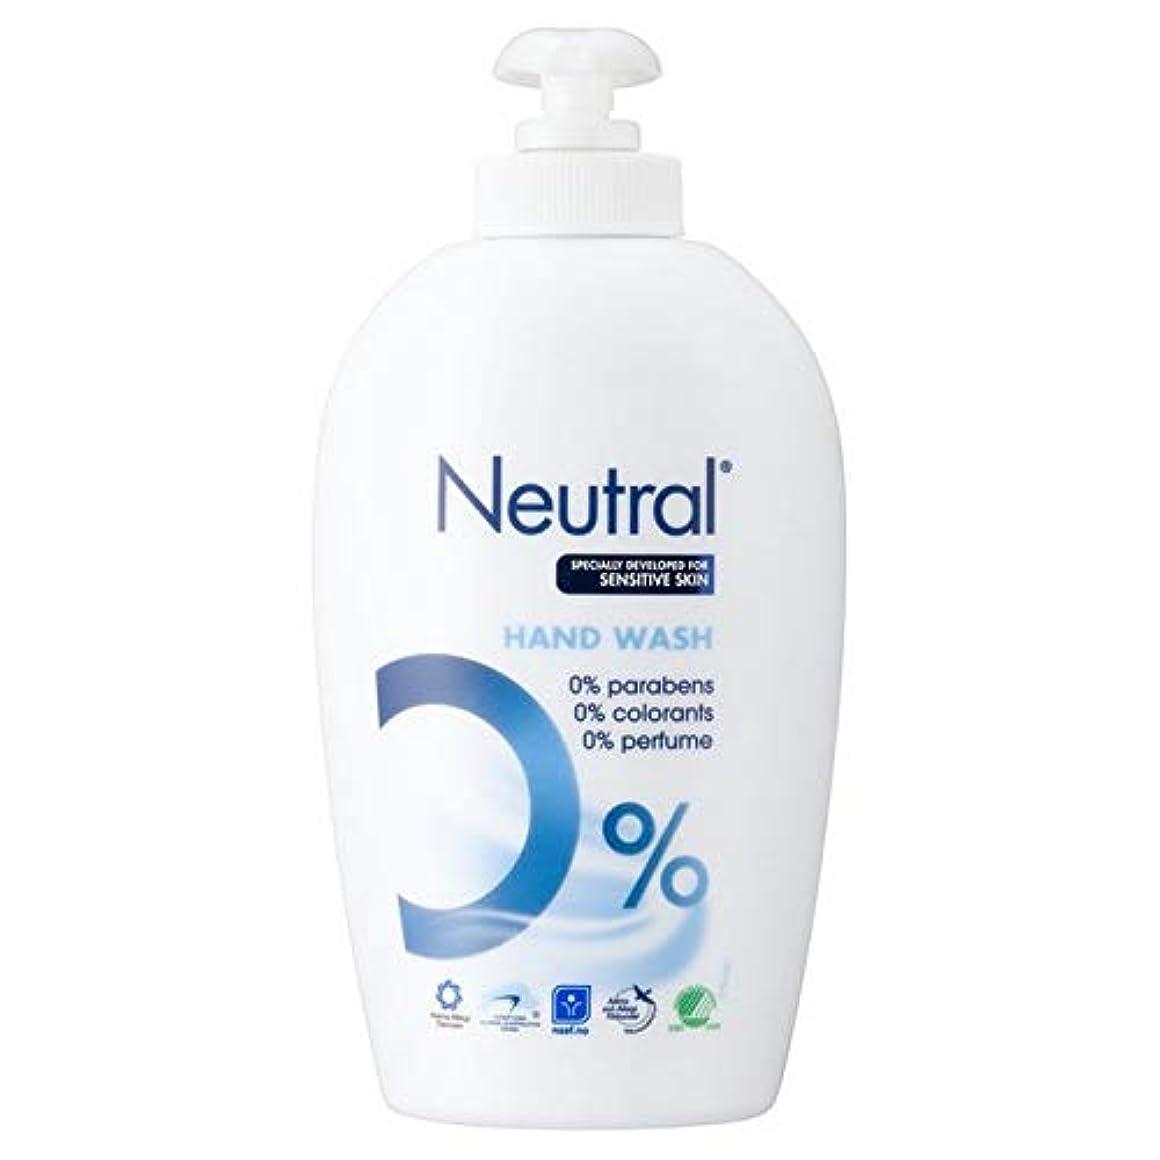 奴隷ステージフレームワーク[Neutral ] ニュートラル0%のハンドウォッシュ250ミリリットル - Neutral 0% Hand Wash 250ml [並行輸入品]